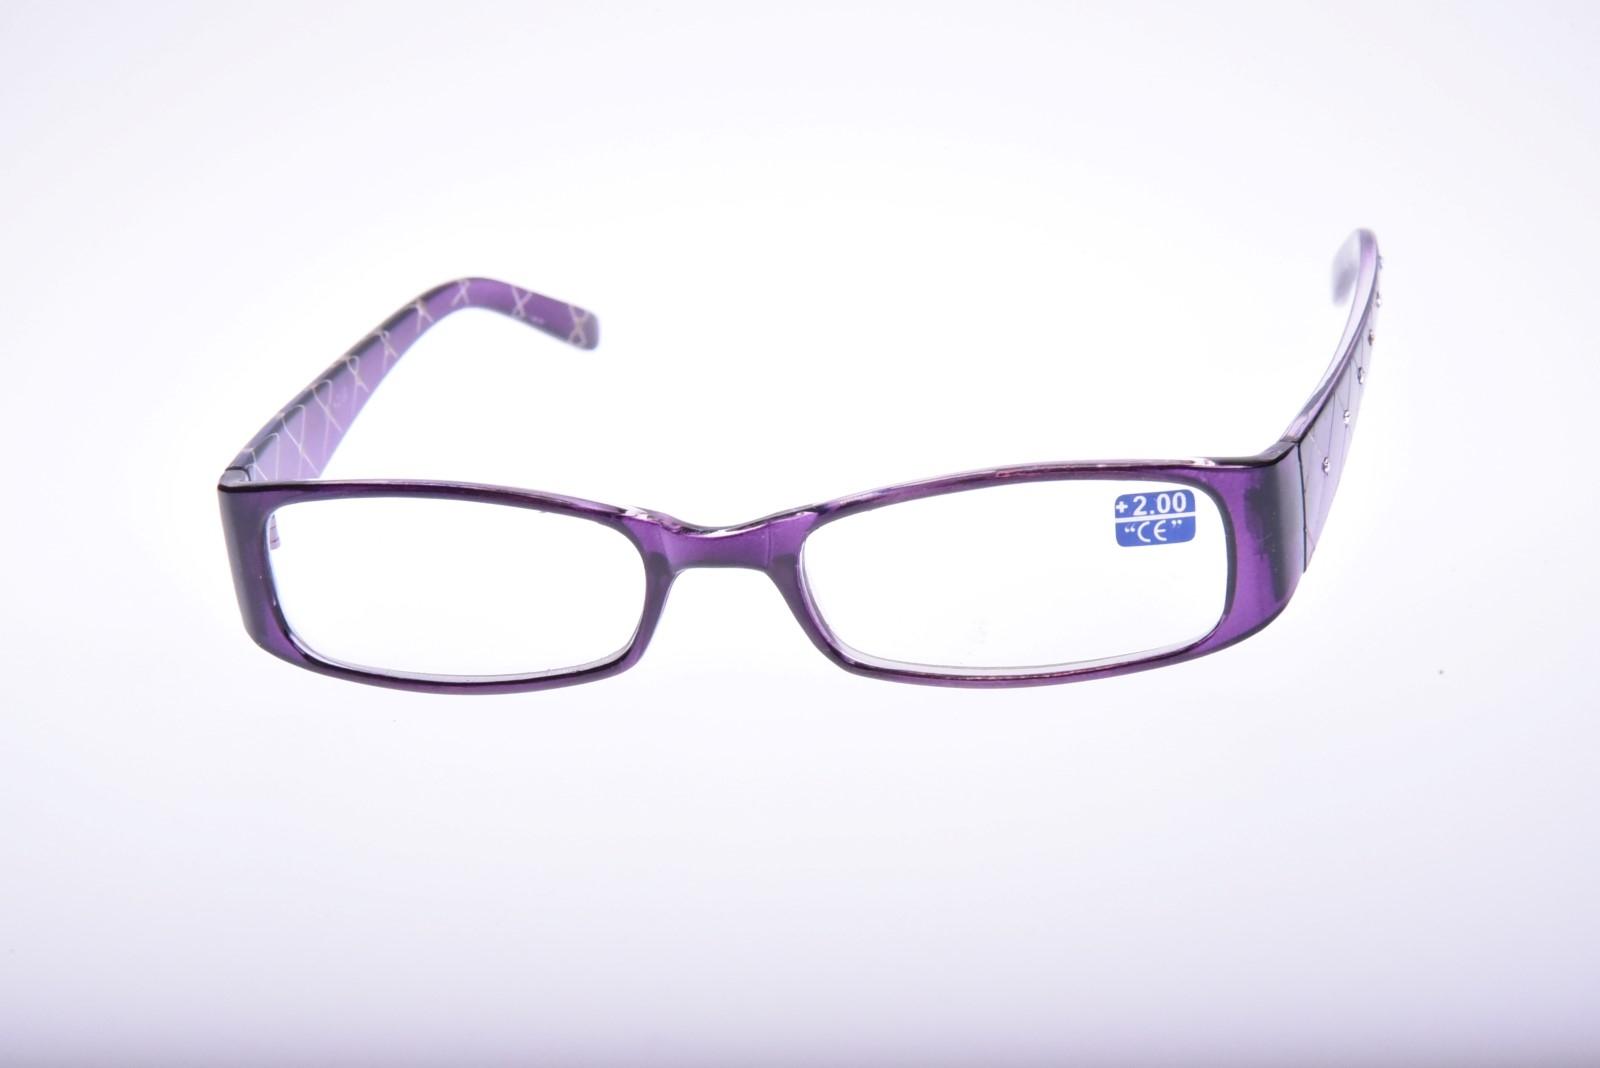 0b69e997b Dioptrické okuliare 2022C - Dioptrické okuliare - GemaShop.sk